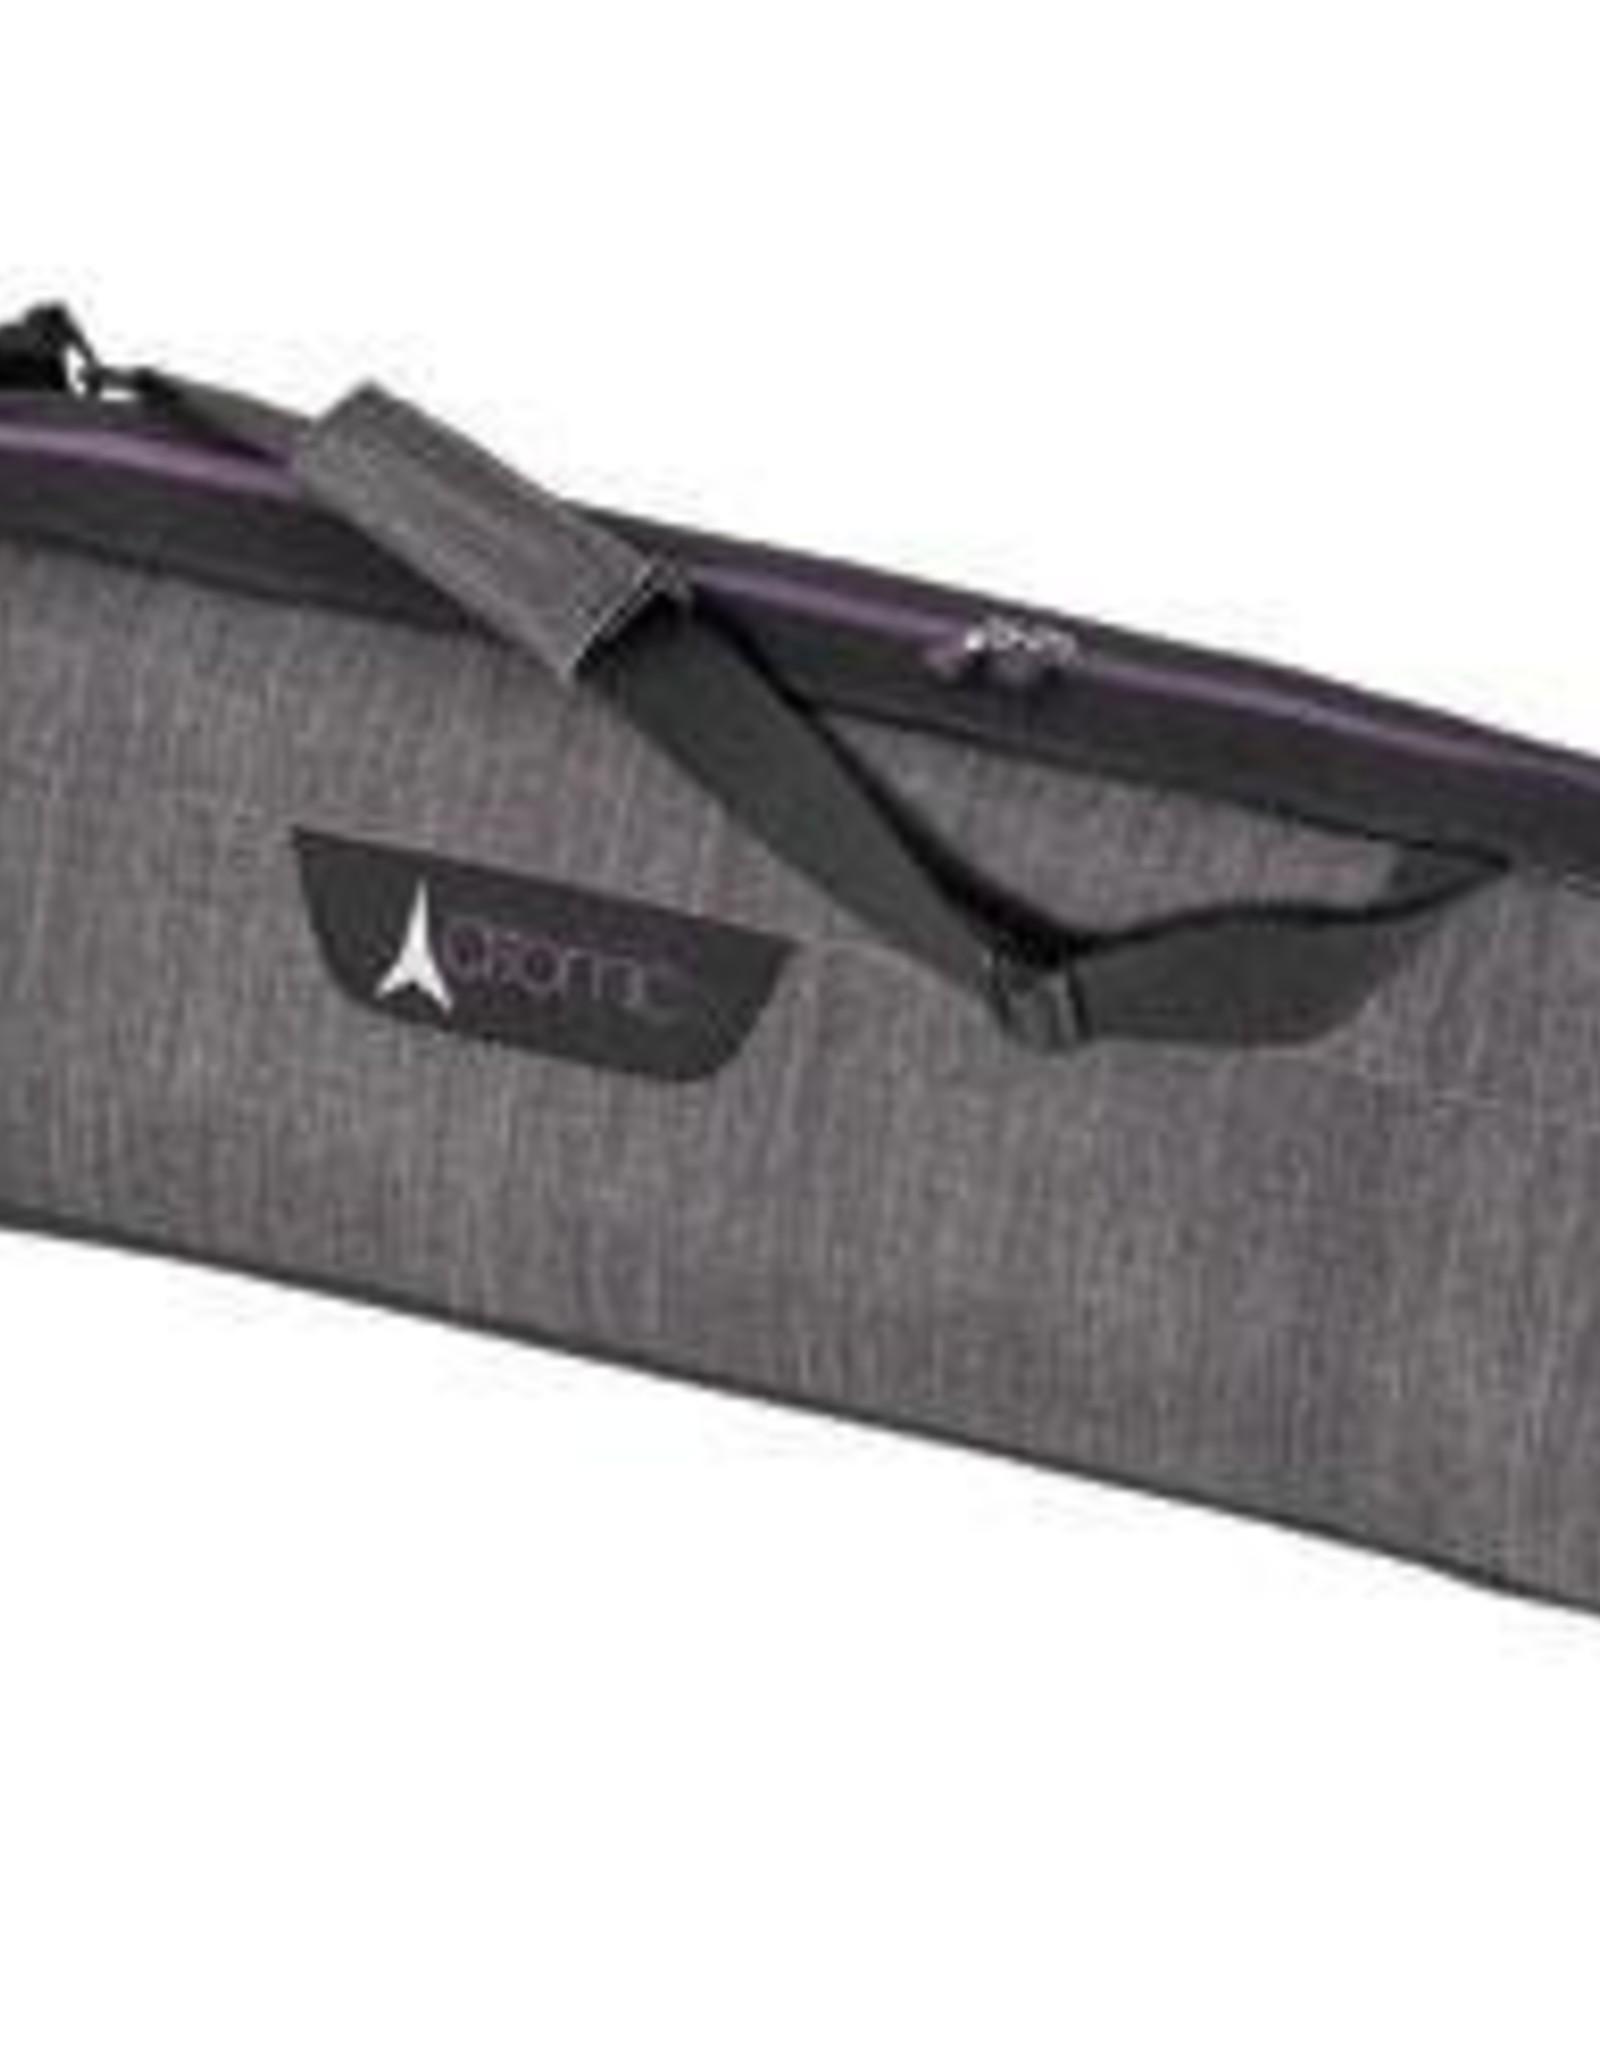 Atomic Single Padded Ski Bag